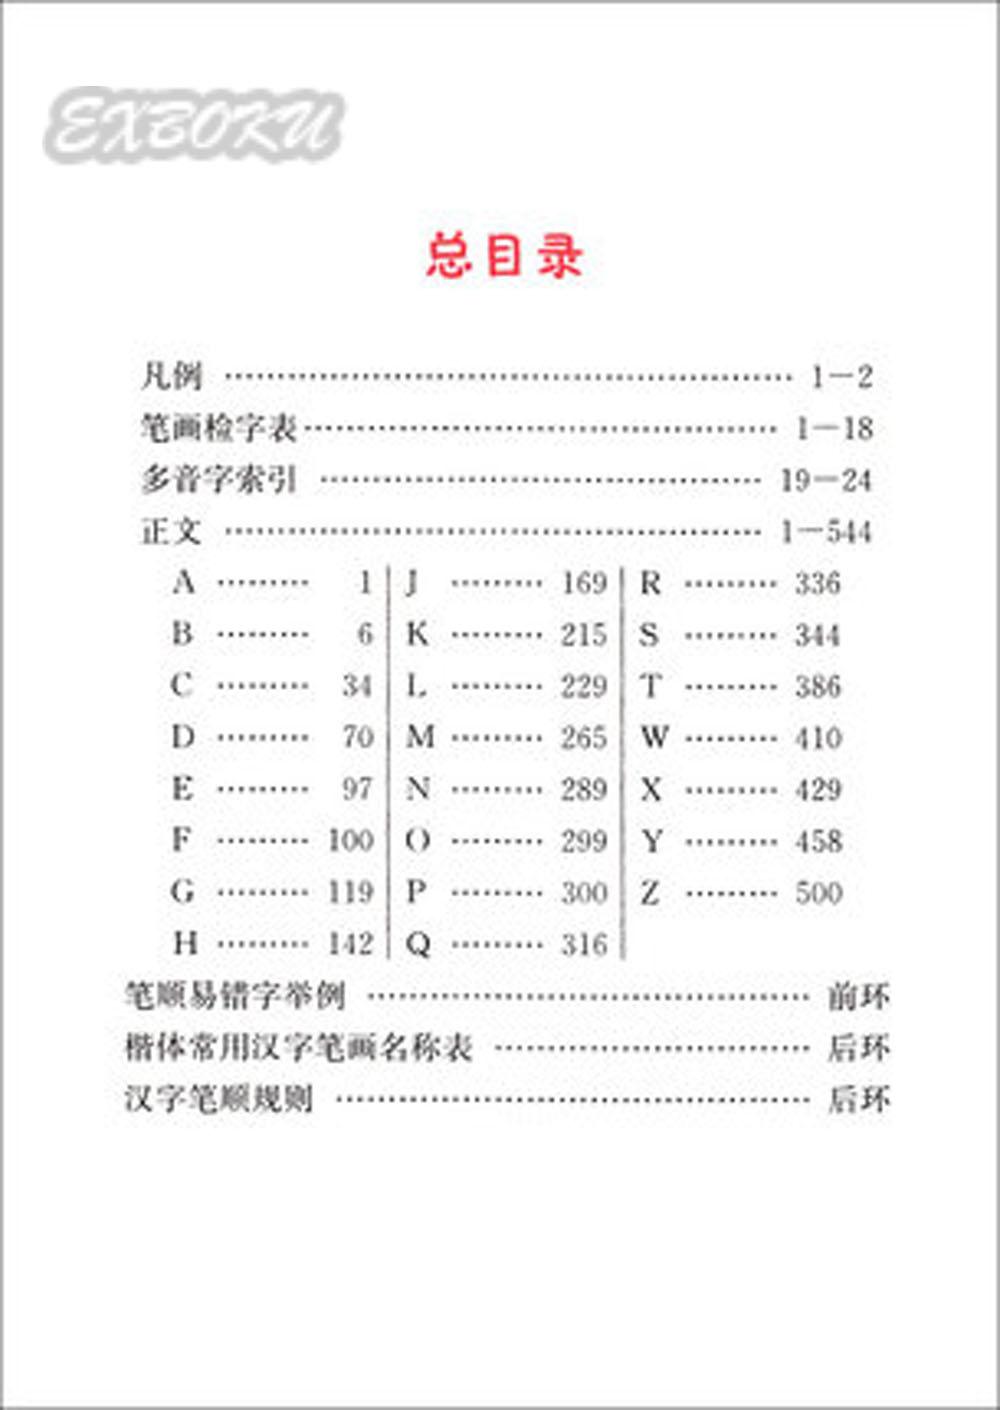 Չինական ինսուլտի բառարան ՝ 2500 - Գրքեր - Լուսանկար 2